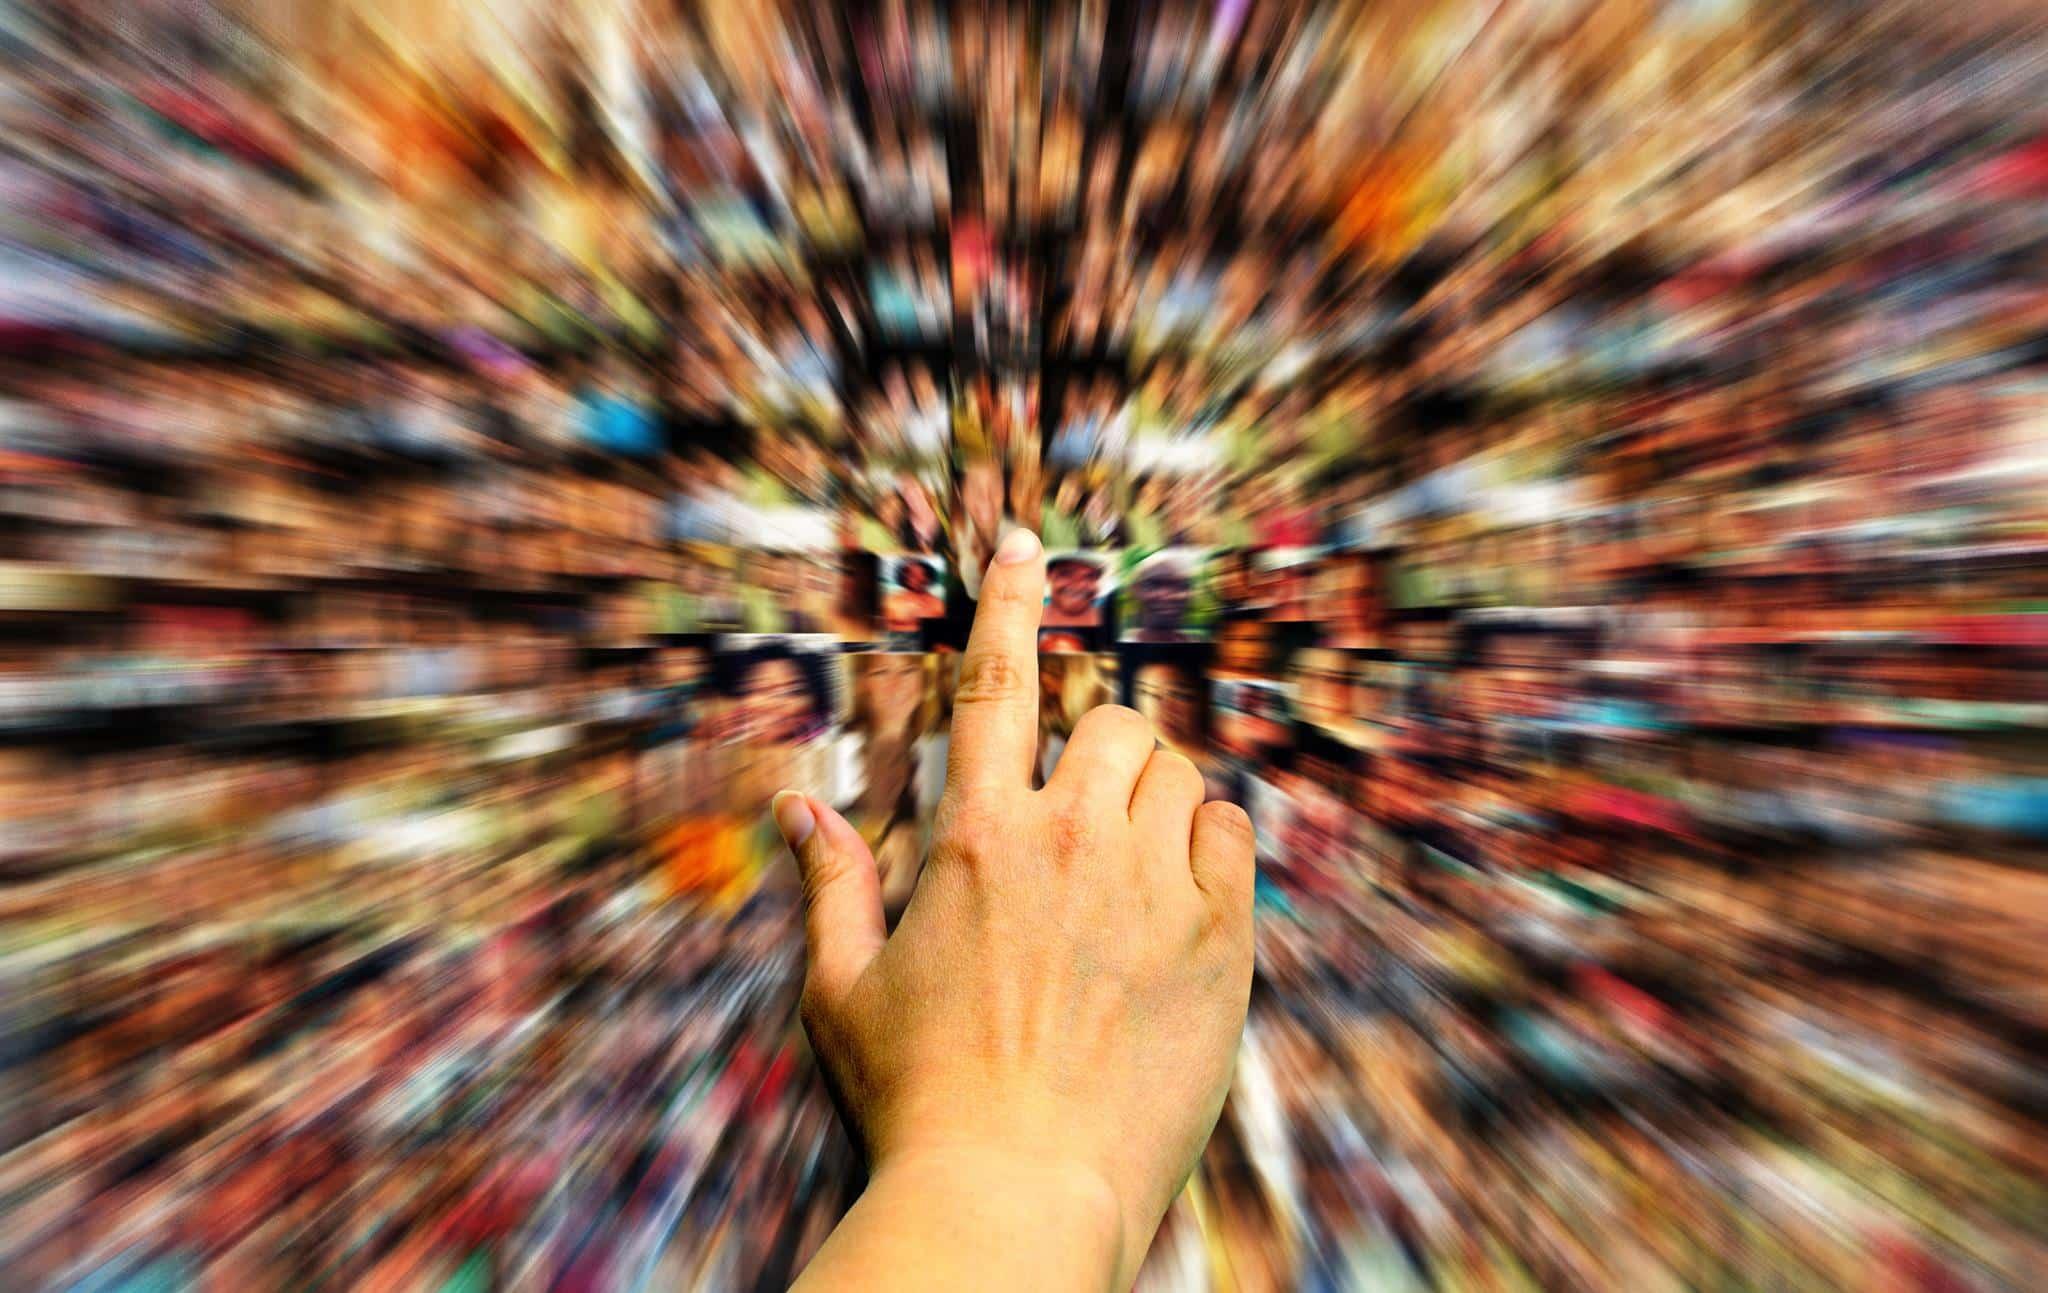 كيف تقوم بتحديد الجمهور المستهدف لمدونتك لتحقيق أكبر ربح | 2021